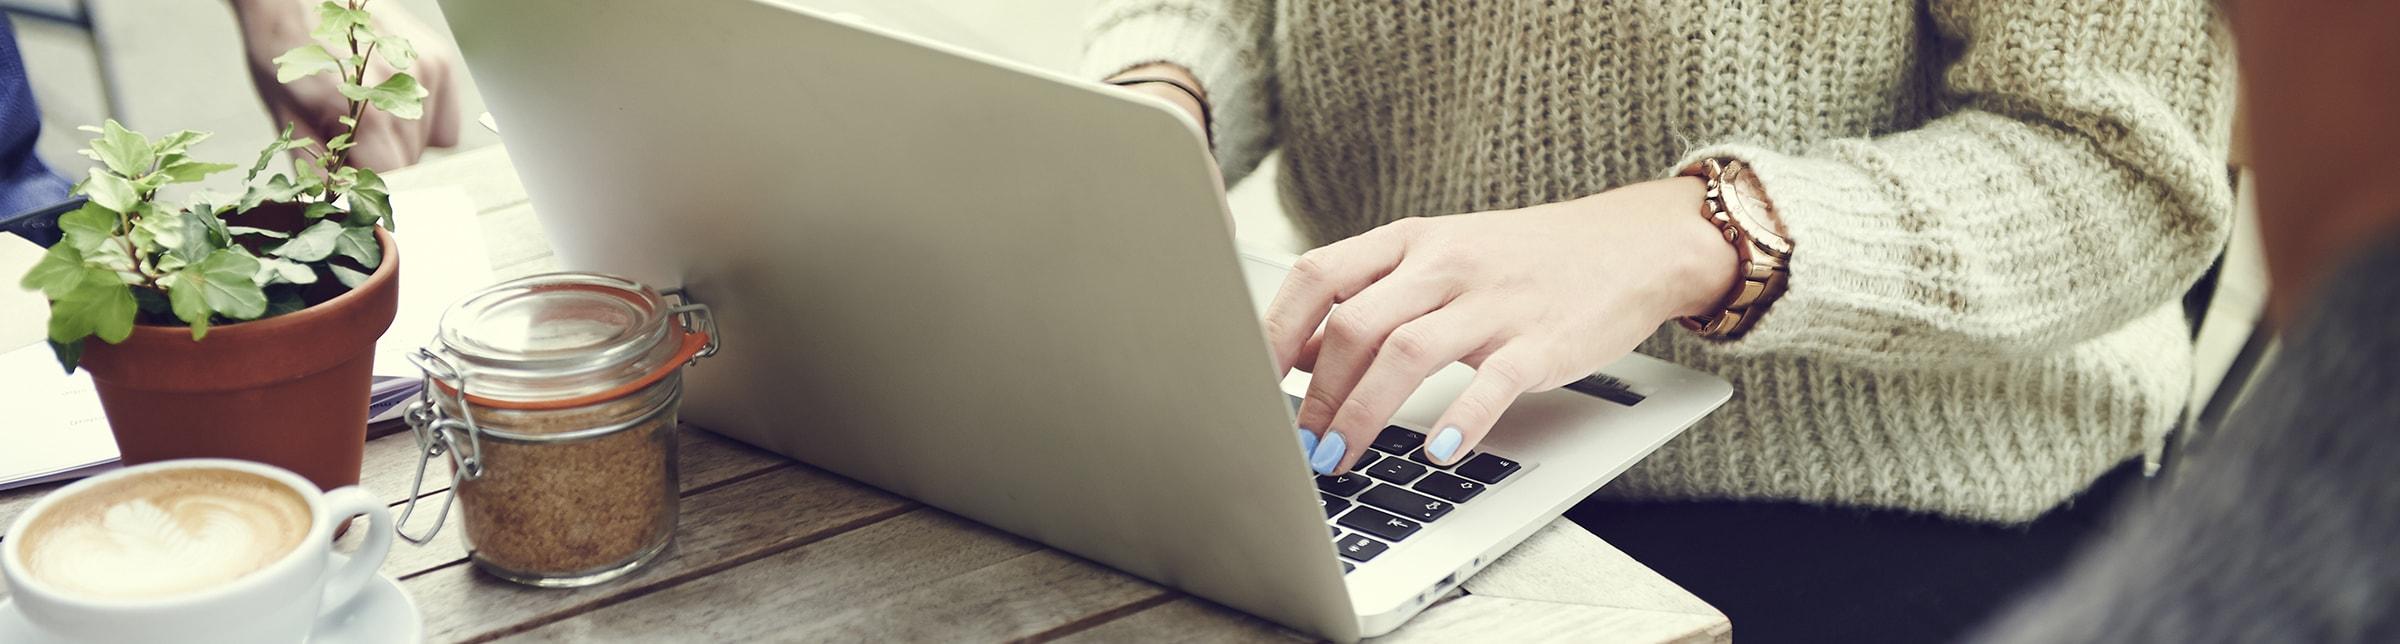 L'immagina rappresenta le mani di una donna giovane che sta digitando sulla tastiera di un portatile